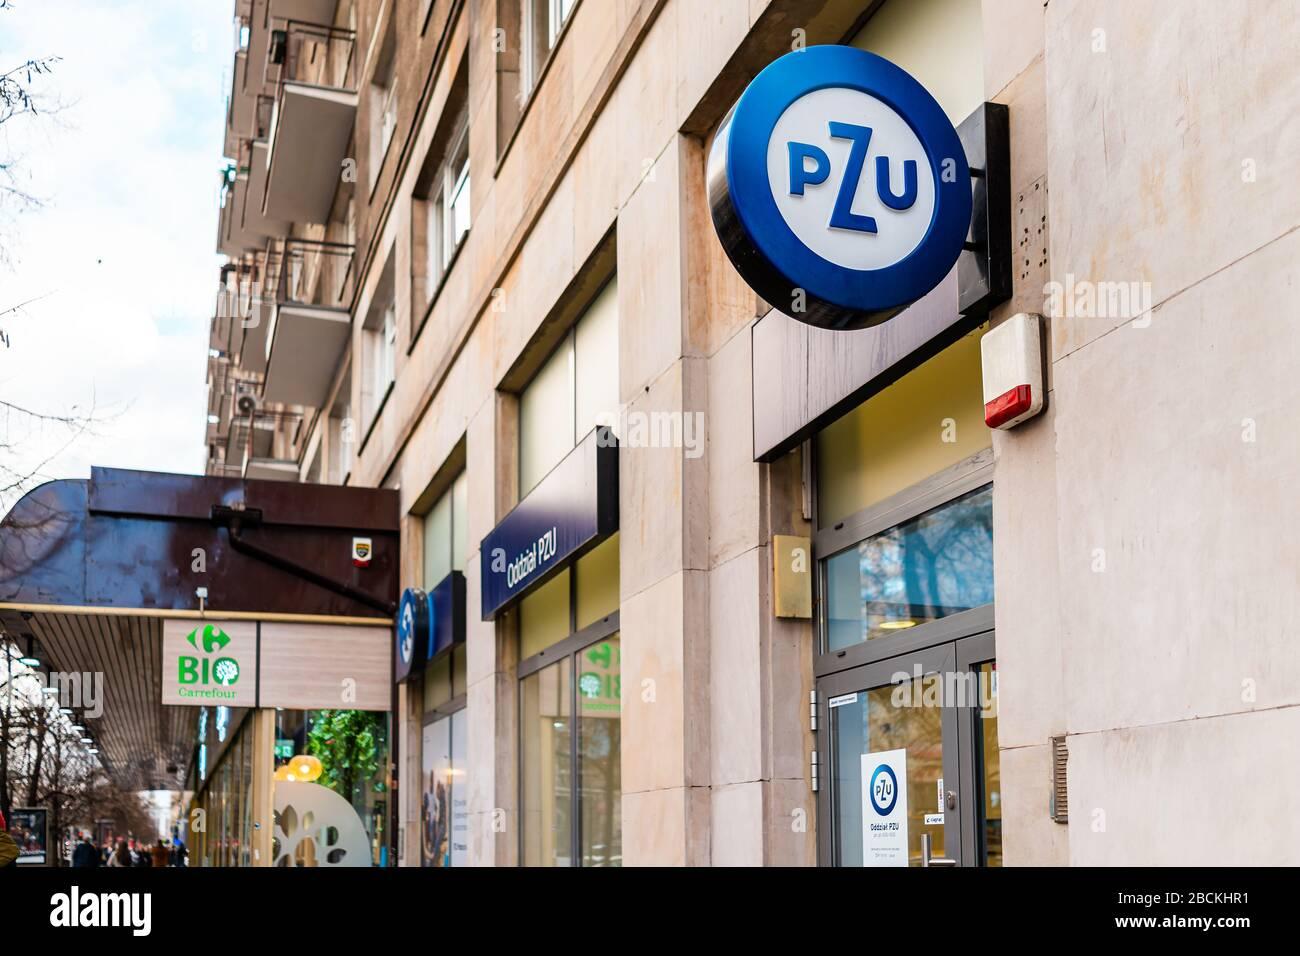 Varsovie, Pologne - 22 janvier 2019: Panneau pour la compagnie d'assurance PZU et Carrefour bio bio bio bio vert supermarché dans la rue dans le centre-ville Banque D'Images